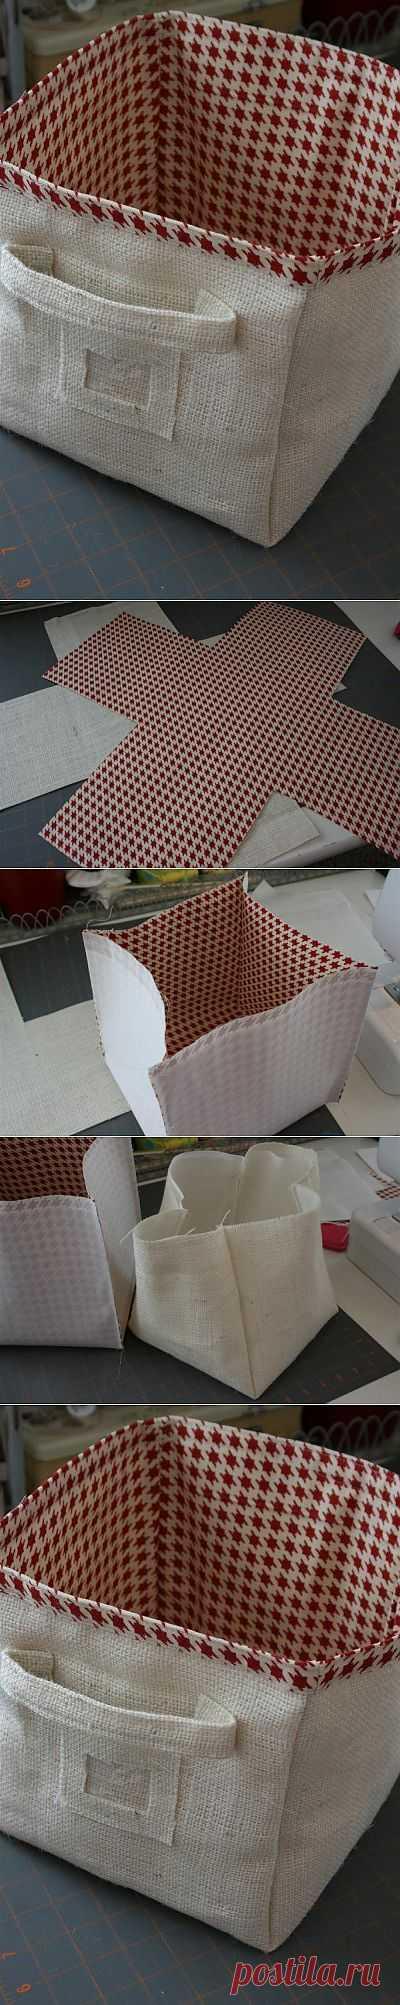 (+1) - Корзина из ткани   СВОИМИ РУКАМИ